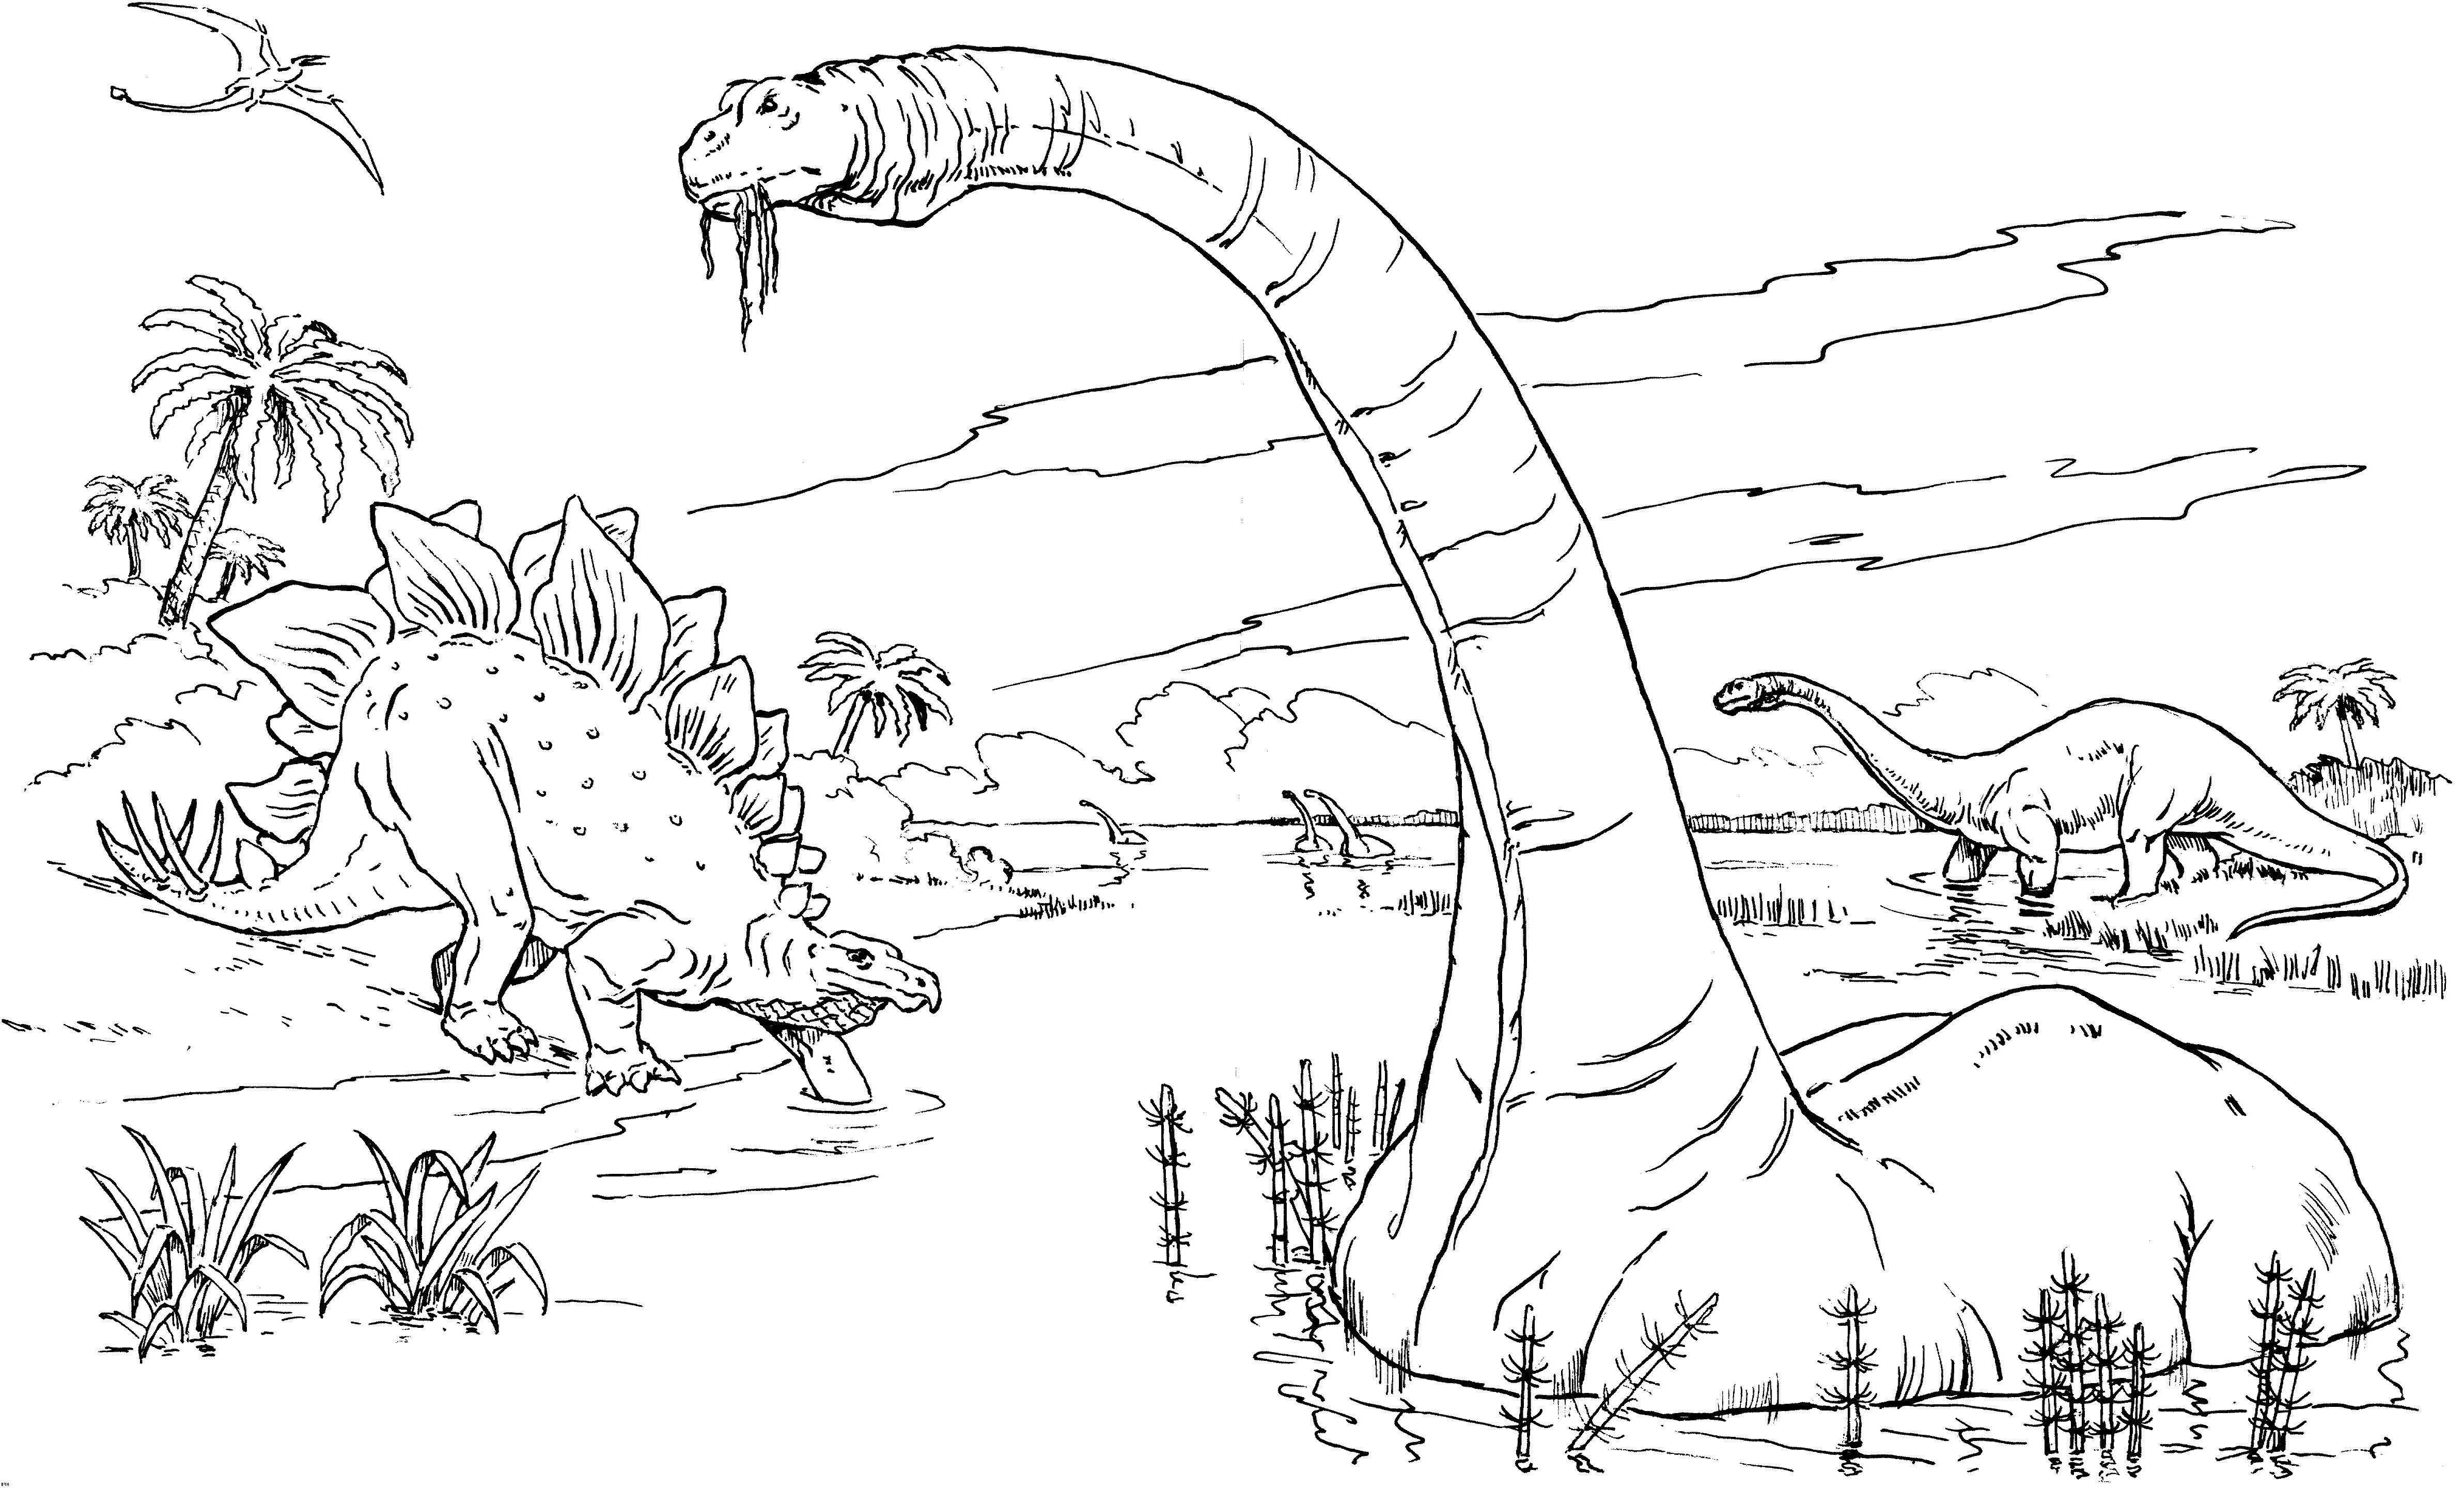 Ausmalbilder Tiere Im Wasser Das Beste Von 28 Schön Malvorlage Dinosaurier – Malvorlagen Ideen Fotografieren